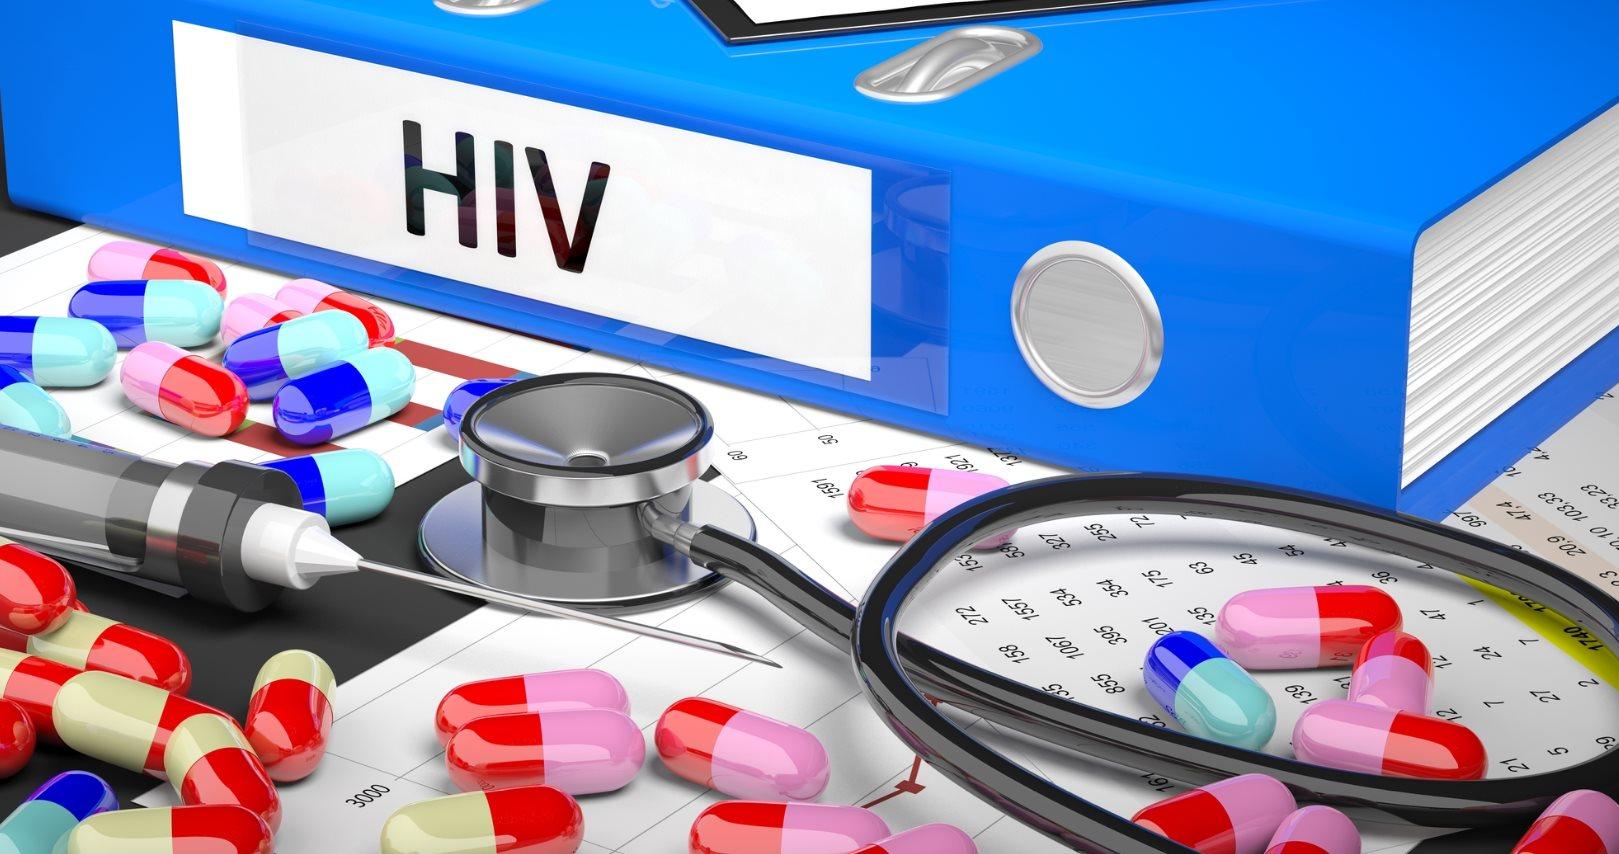 ¿POR QUÉ HAN TARDADO 40 AÑOS EN DESCUBRIR UNA VACUNA CONTRA EL VIH?